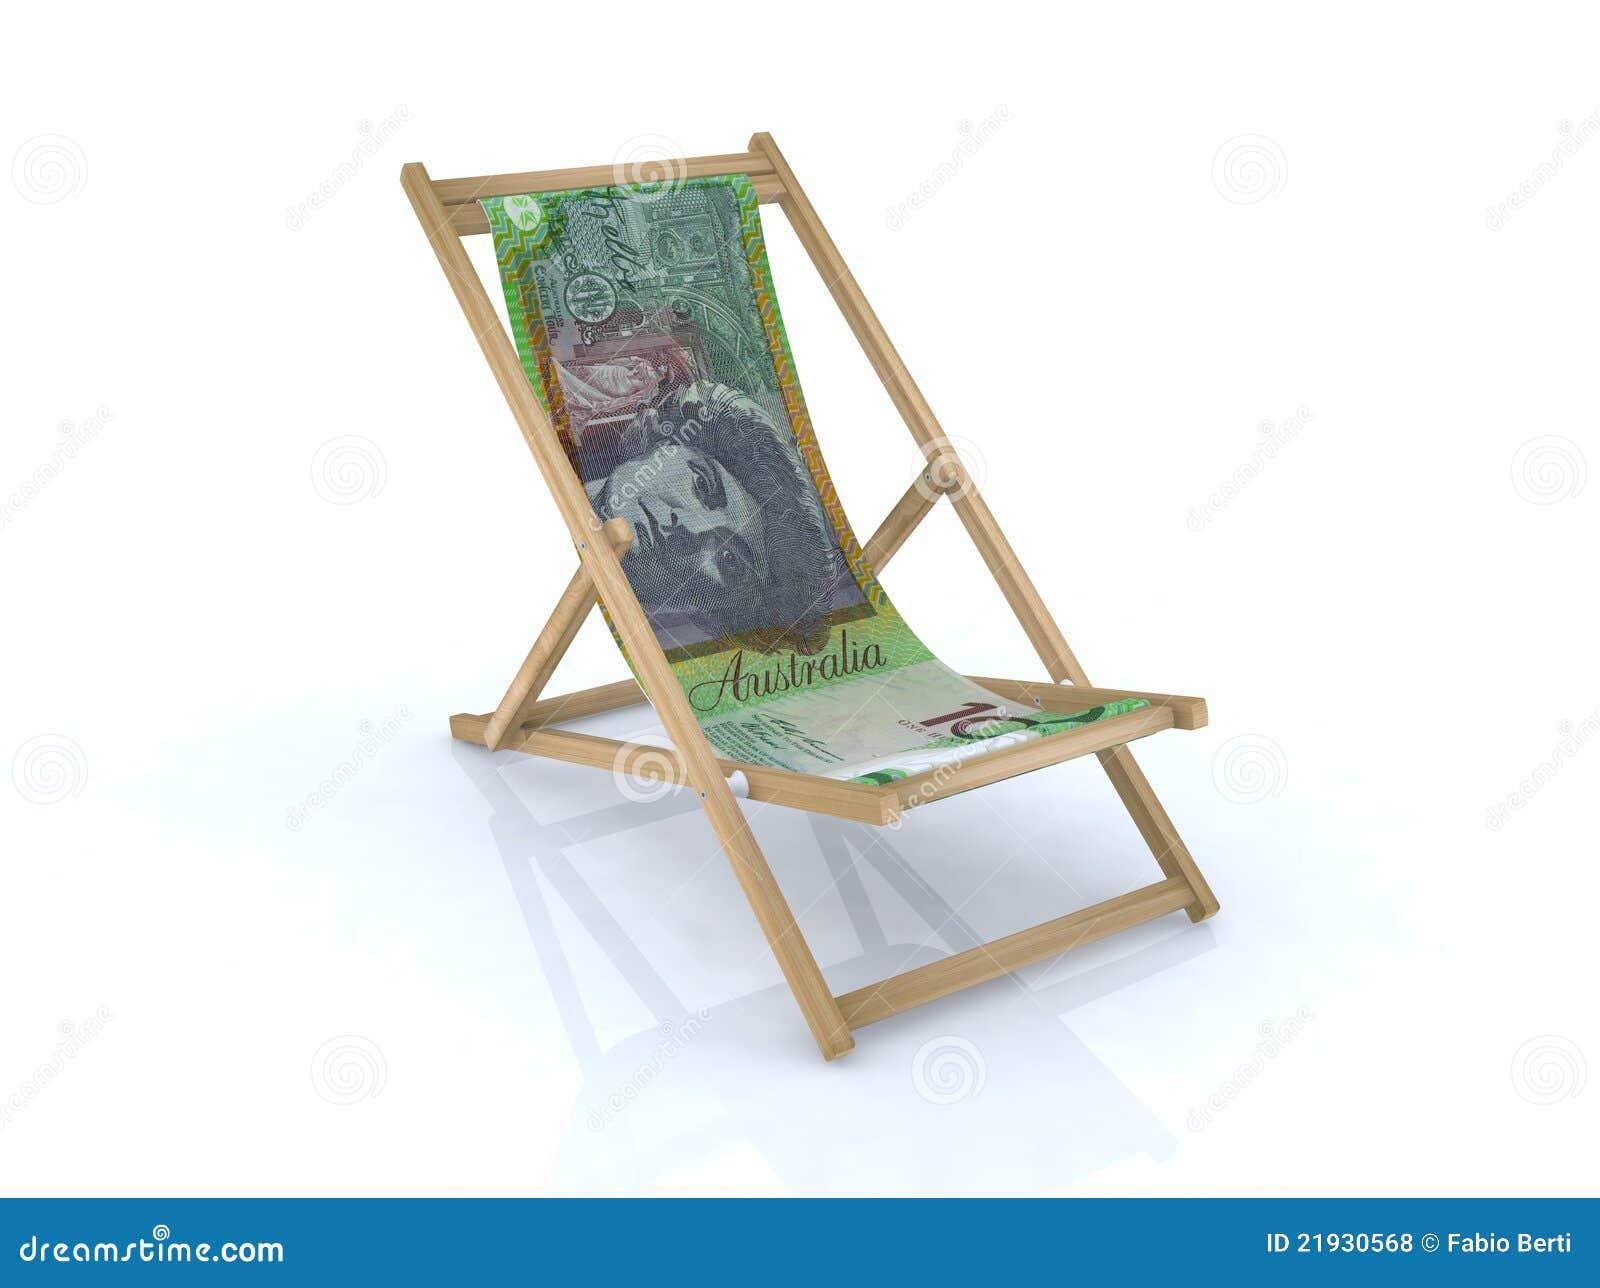 #81A229 Cadeira De Praia De Madeira Com Notas Australianas Fotos de Stock  1300x1064 px cadeira de madeira para descanso @ bernauer.info Móveis Antigos Novos E Usados Online